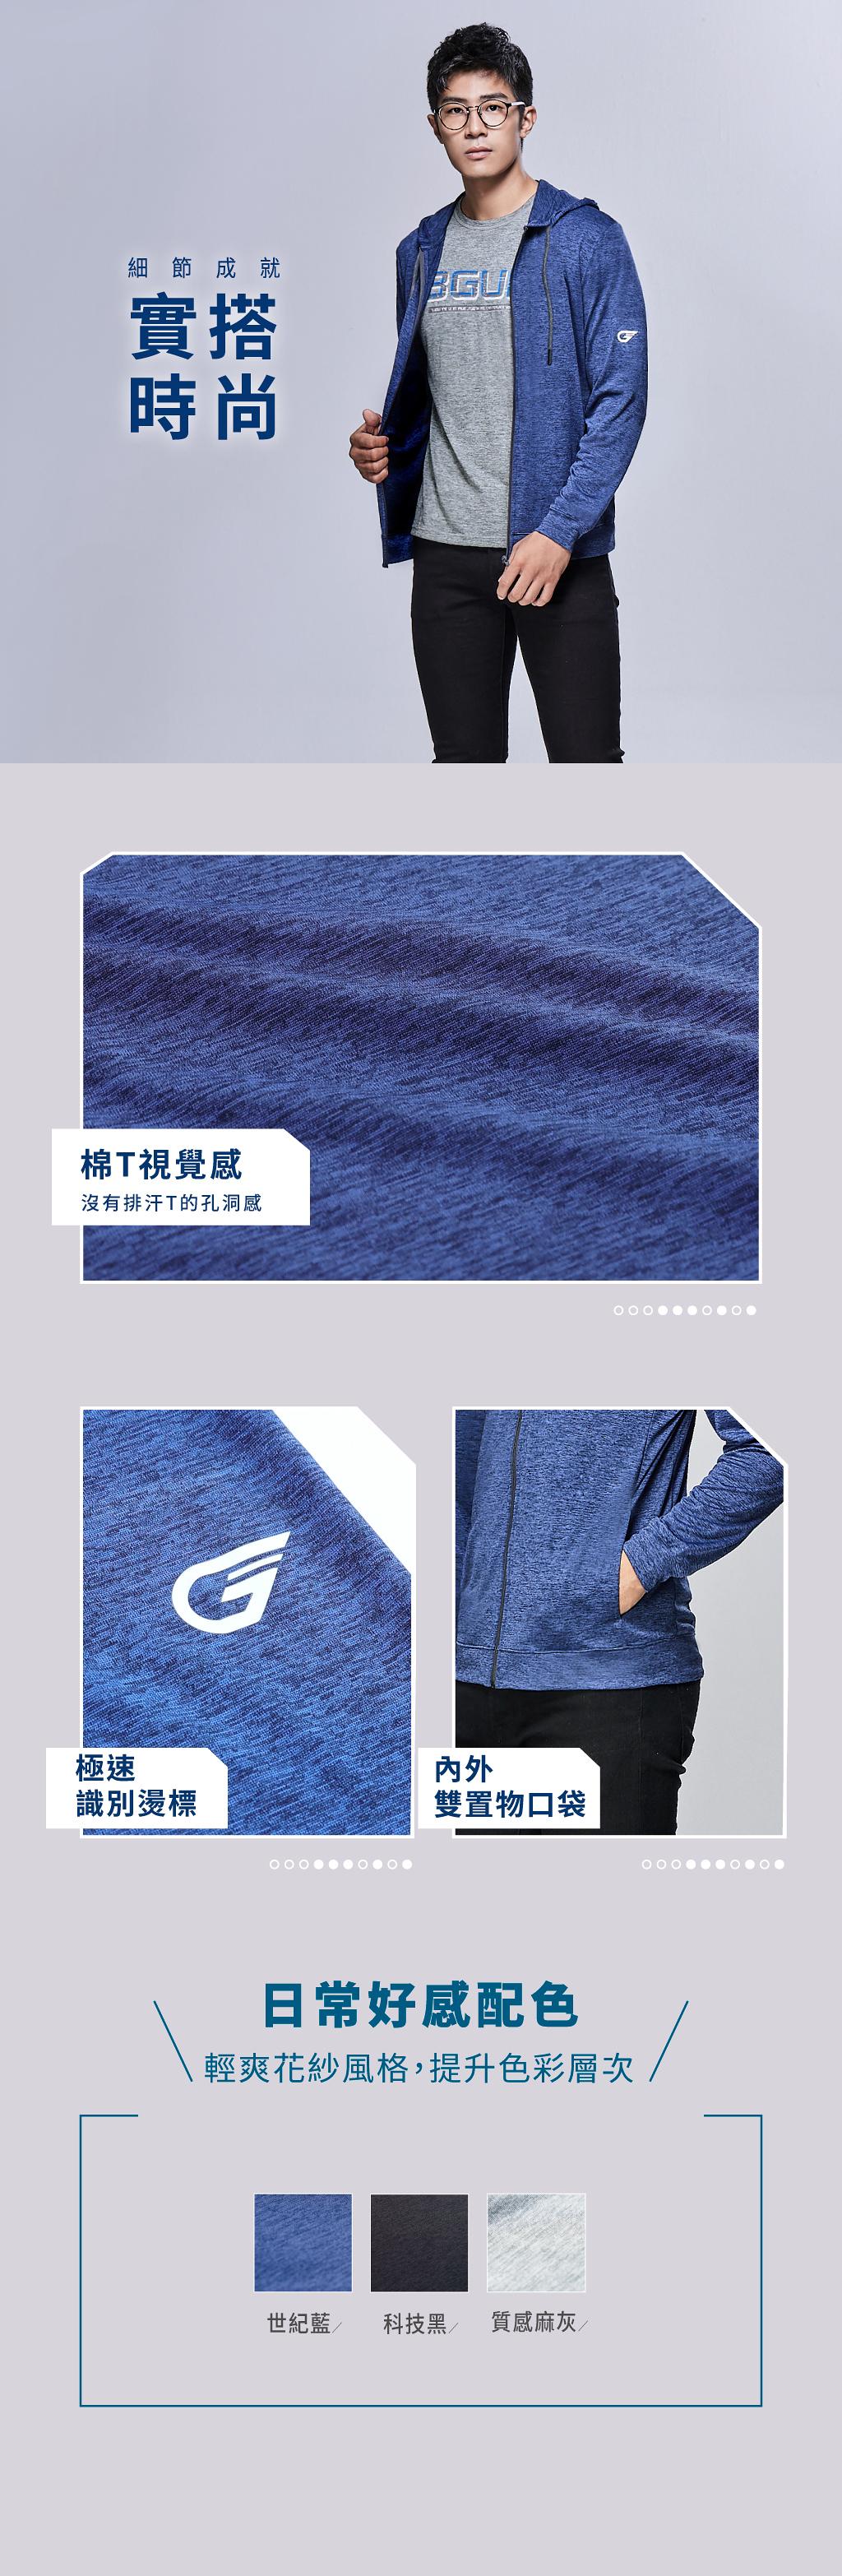 極速快乾男防臭連帽外套-機動棉-3GUN |男性時尚內衣褲MIT品牌